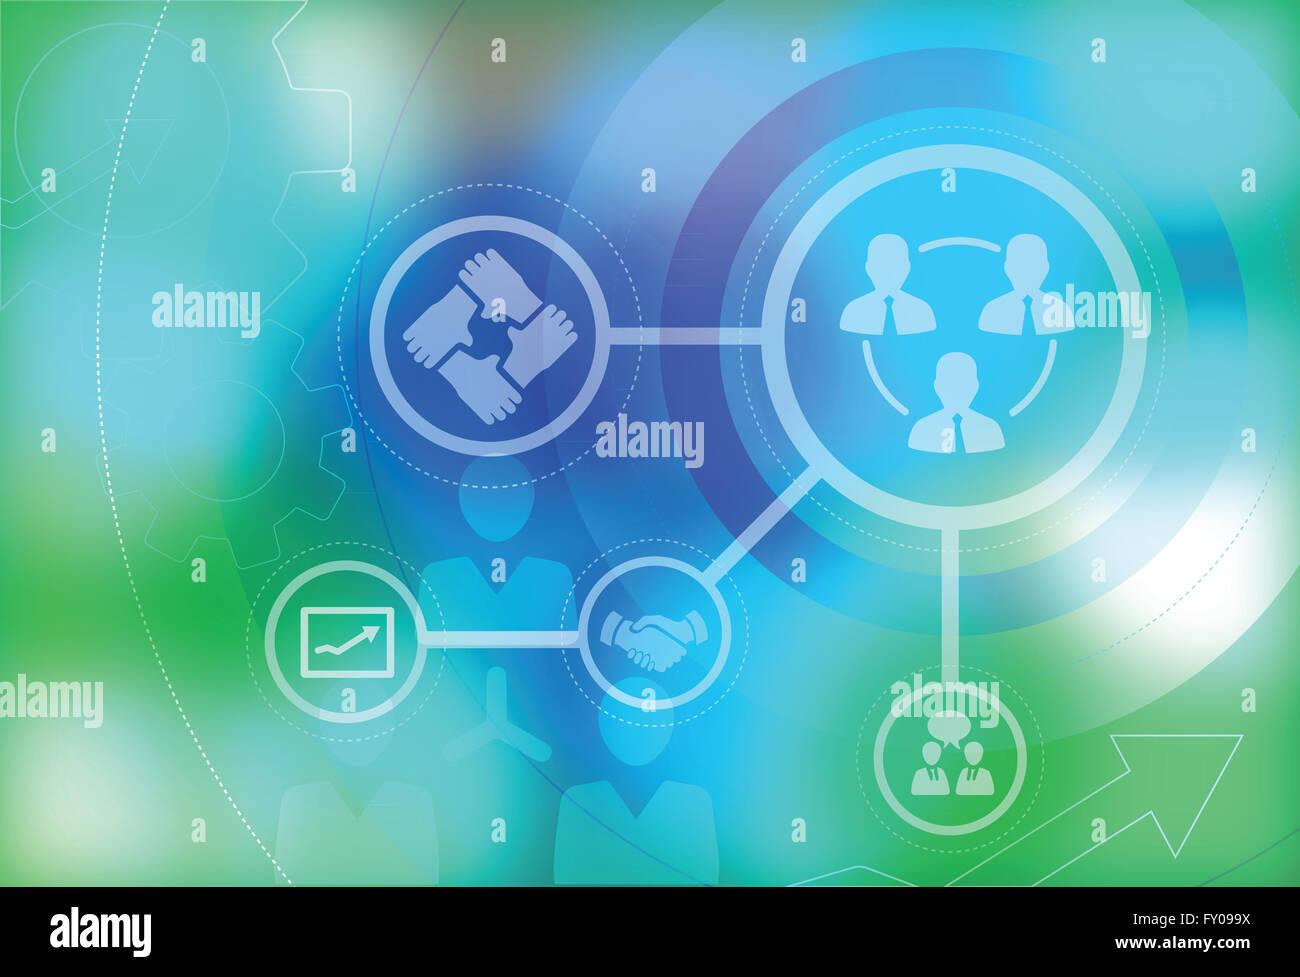 Anschauliches Bild repräsentieren Unternehmen Teamarbeit Stockbild